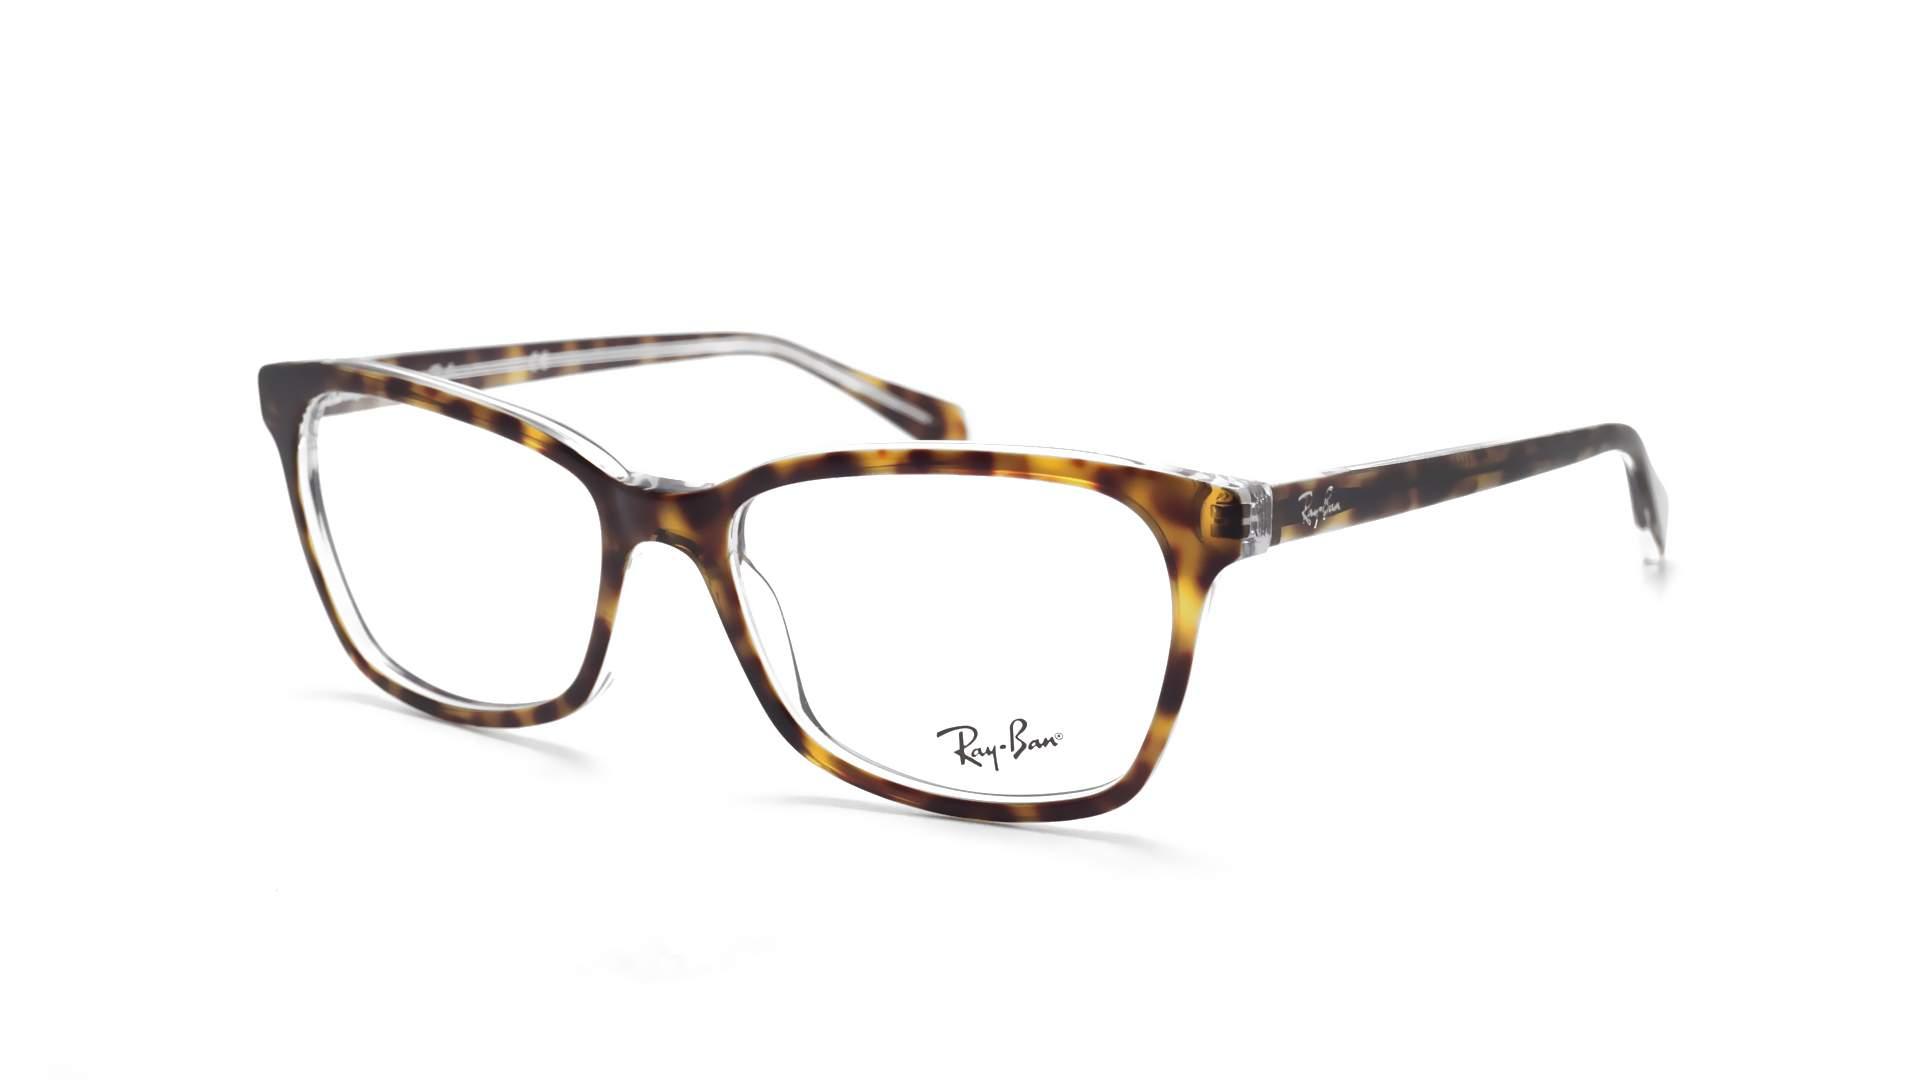 aee52089b1 Eyeglasses Ray-Ban RX5362 RB5362 5082 54-17 Tortoise Medium